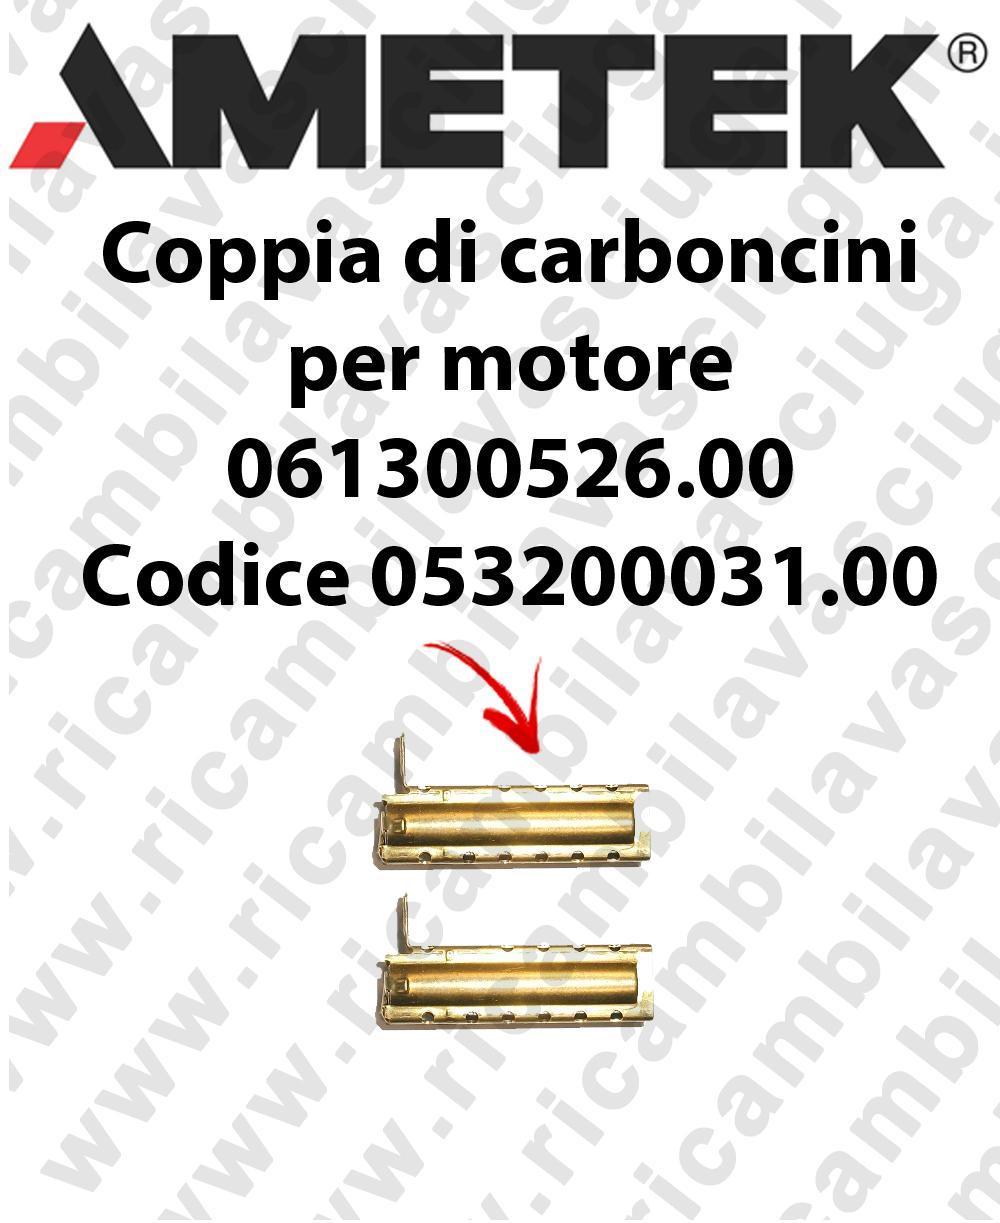 COPPIA di Carboncini motor de aspiración para motore  Ametek 061300526.00 Cod: 053200031.00